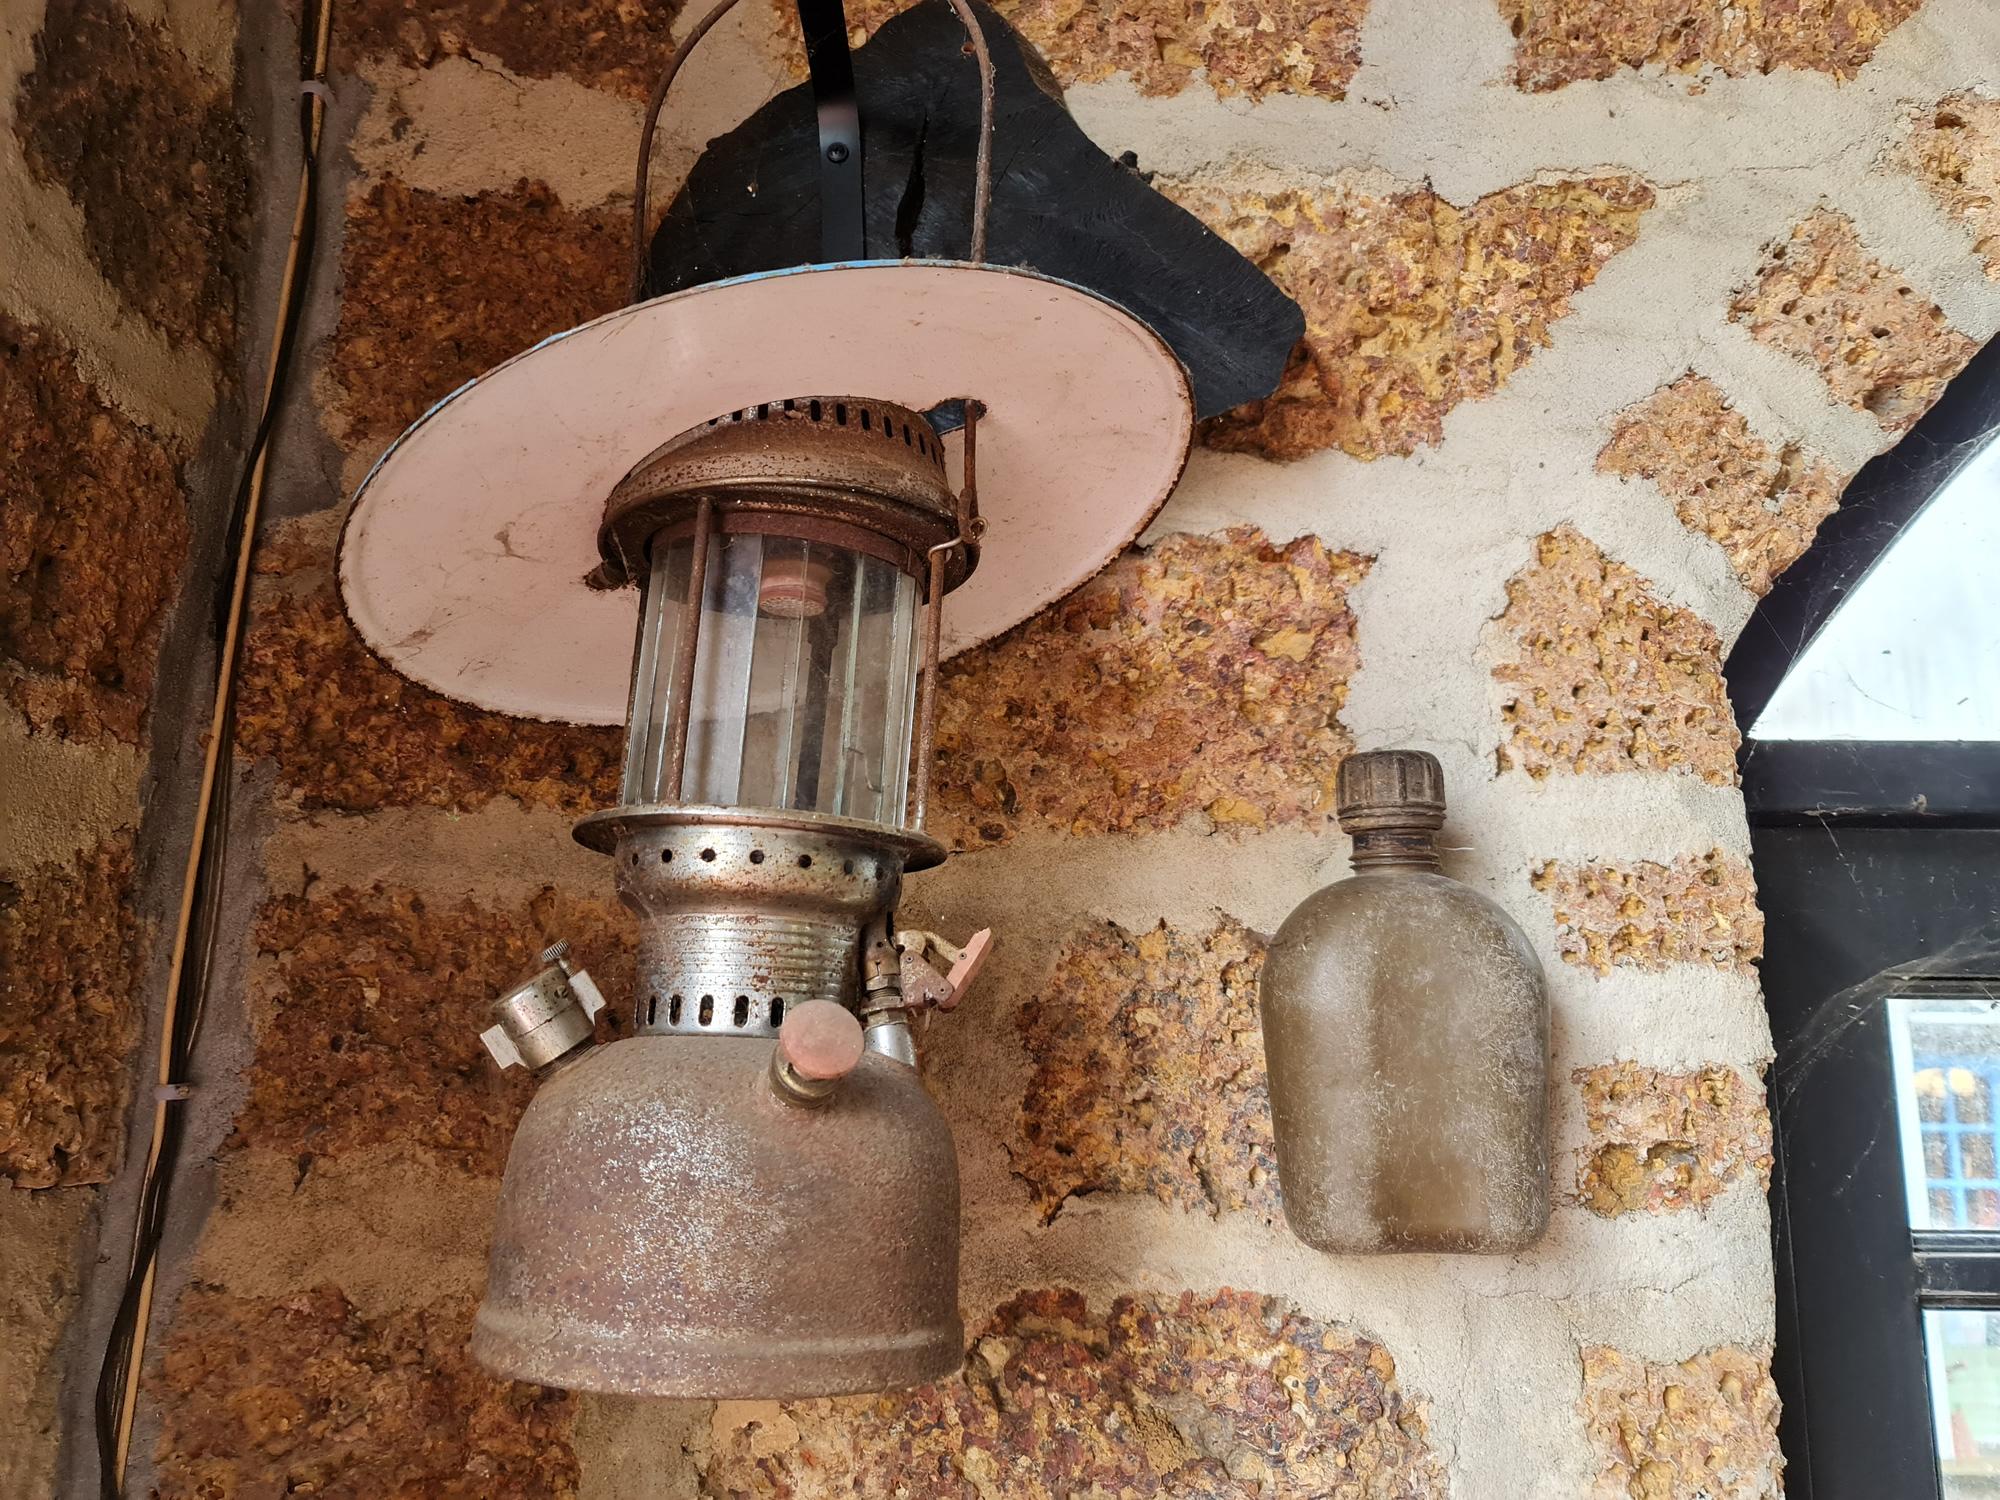 Quảng Nam: Nhứt mắt với quán cà phê bằng đá ong và toàn đồ bỏ đi - Ảnh 18.